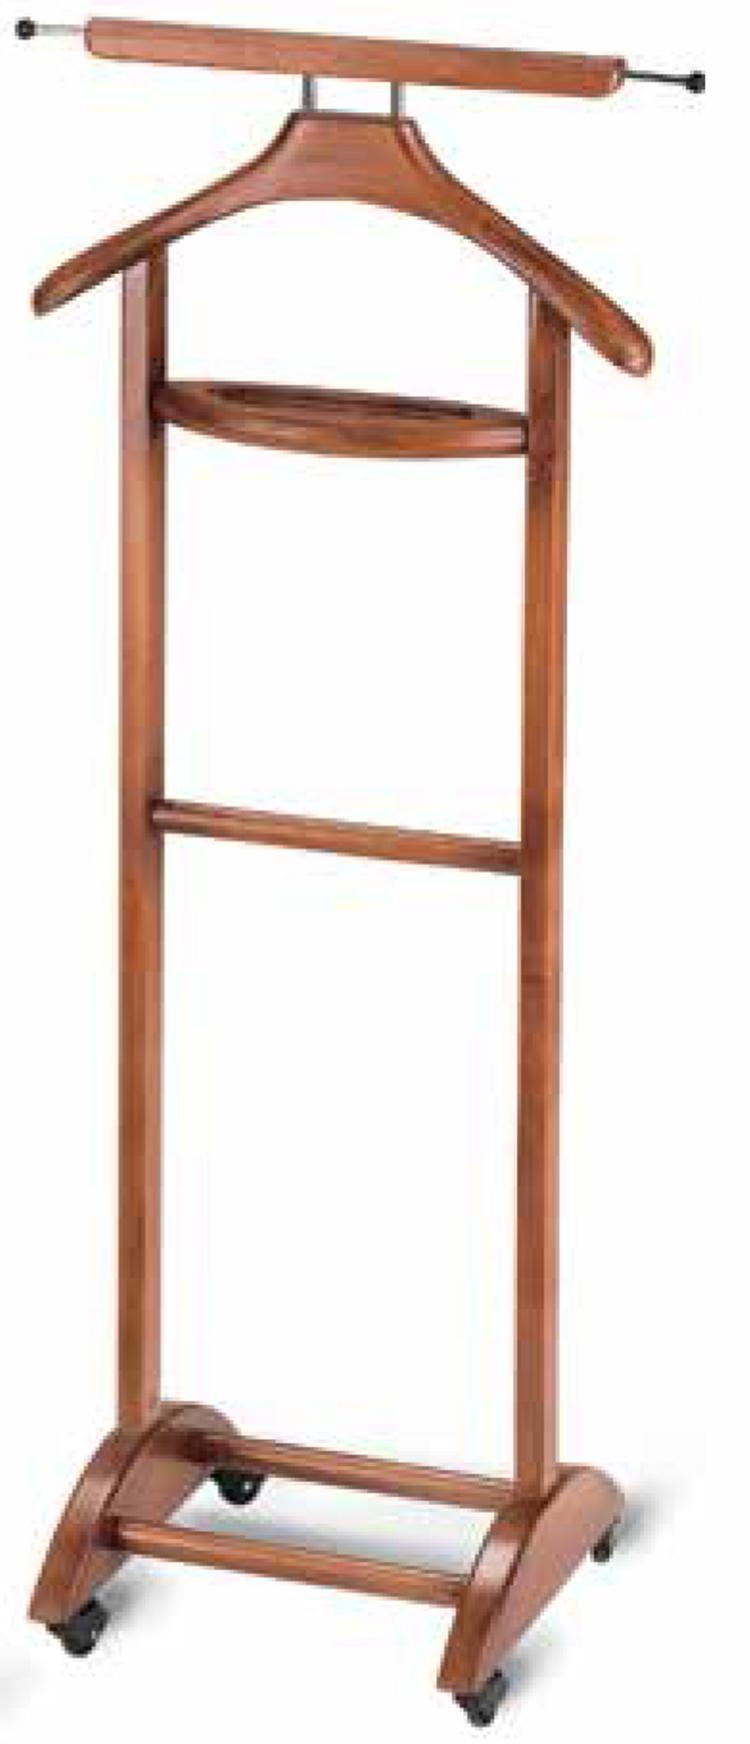 valet de nuit double florence en bois massif merisier dim h110 x p14 x l48 cm ebay. Black Bedroom Furniture Sets. Home Design Ideas